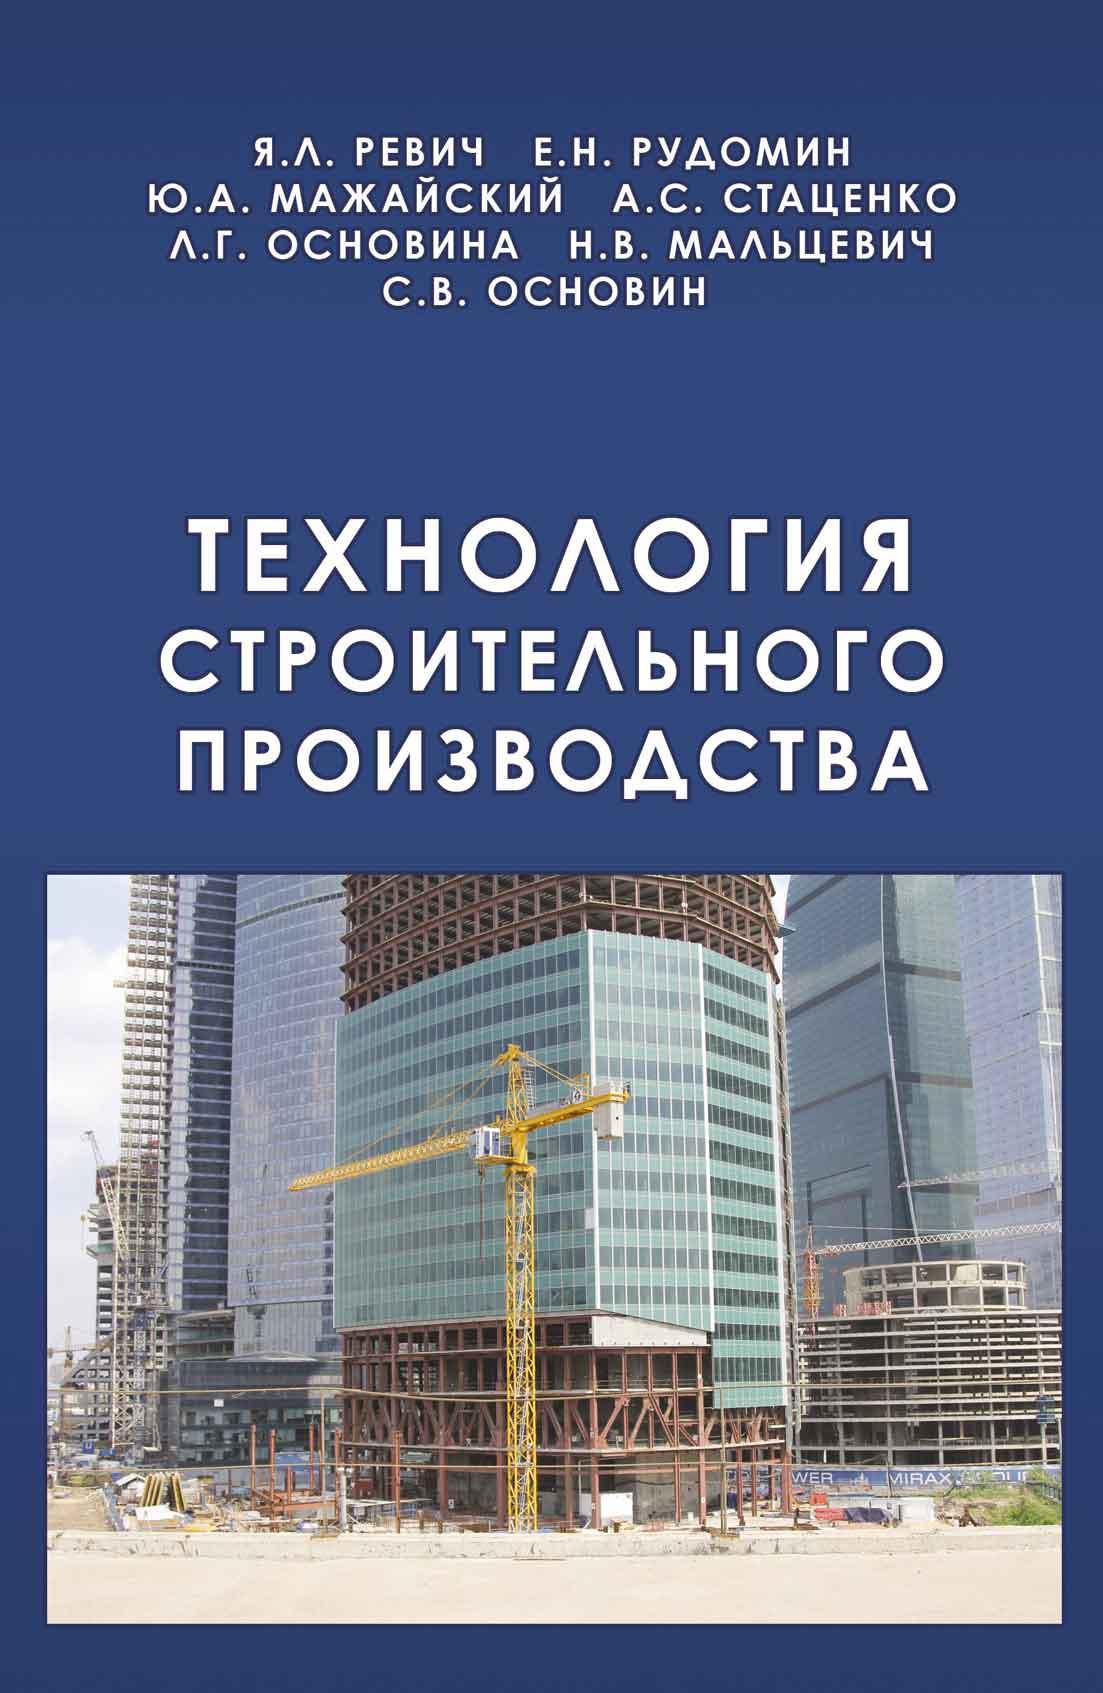 А. C. Стаценко Технология строительного производства а c стаценко технология строительного производства